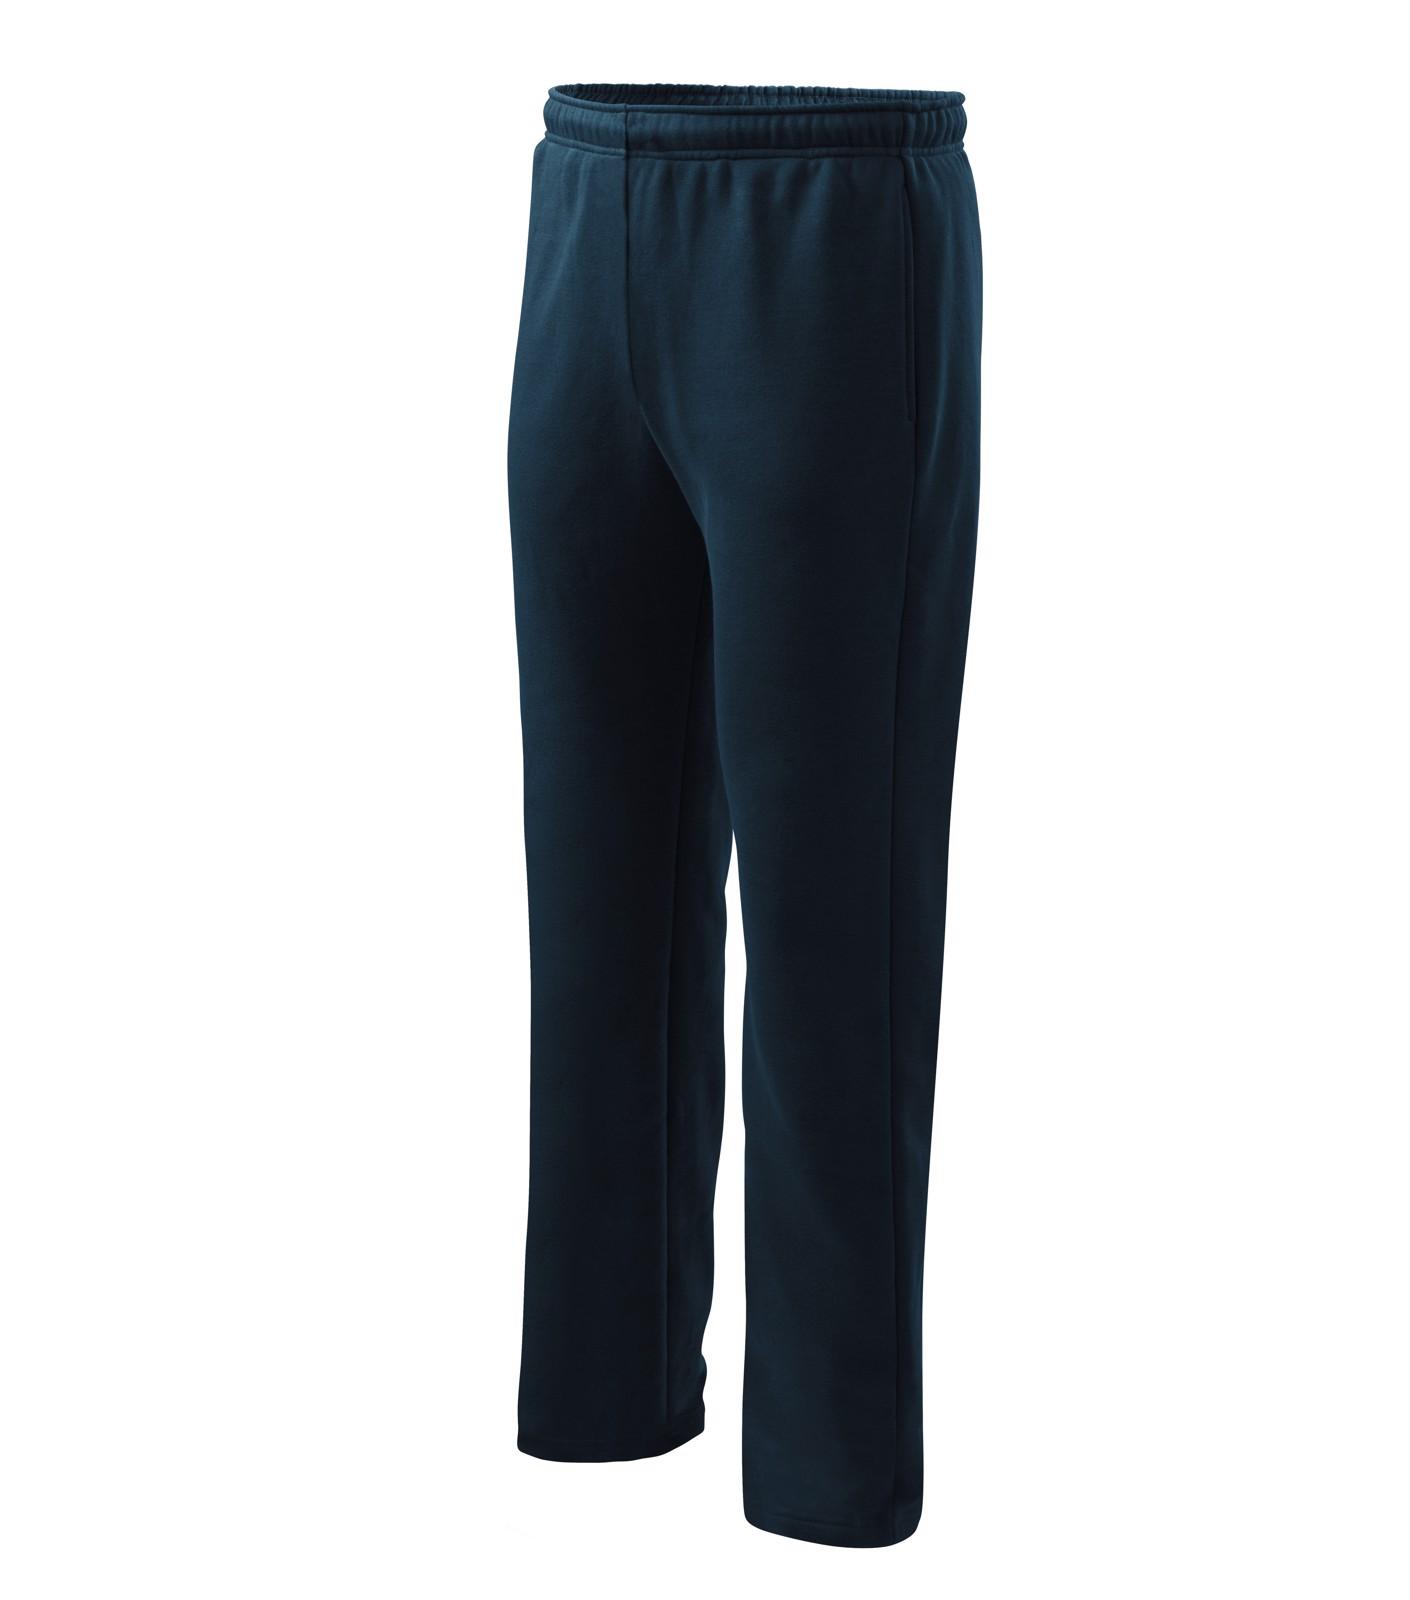 Tepláky pánské Malfini Comfort - Námořní Modrá / 146 cm/10 let